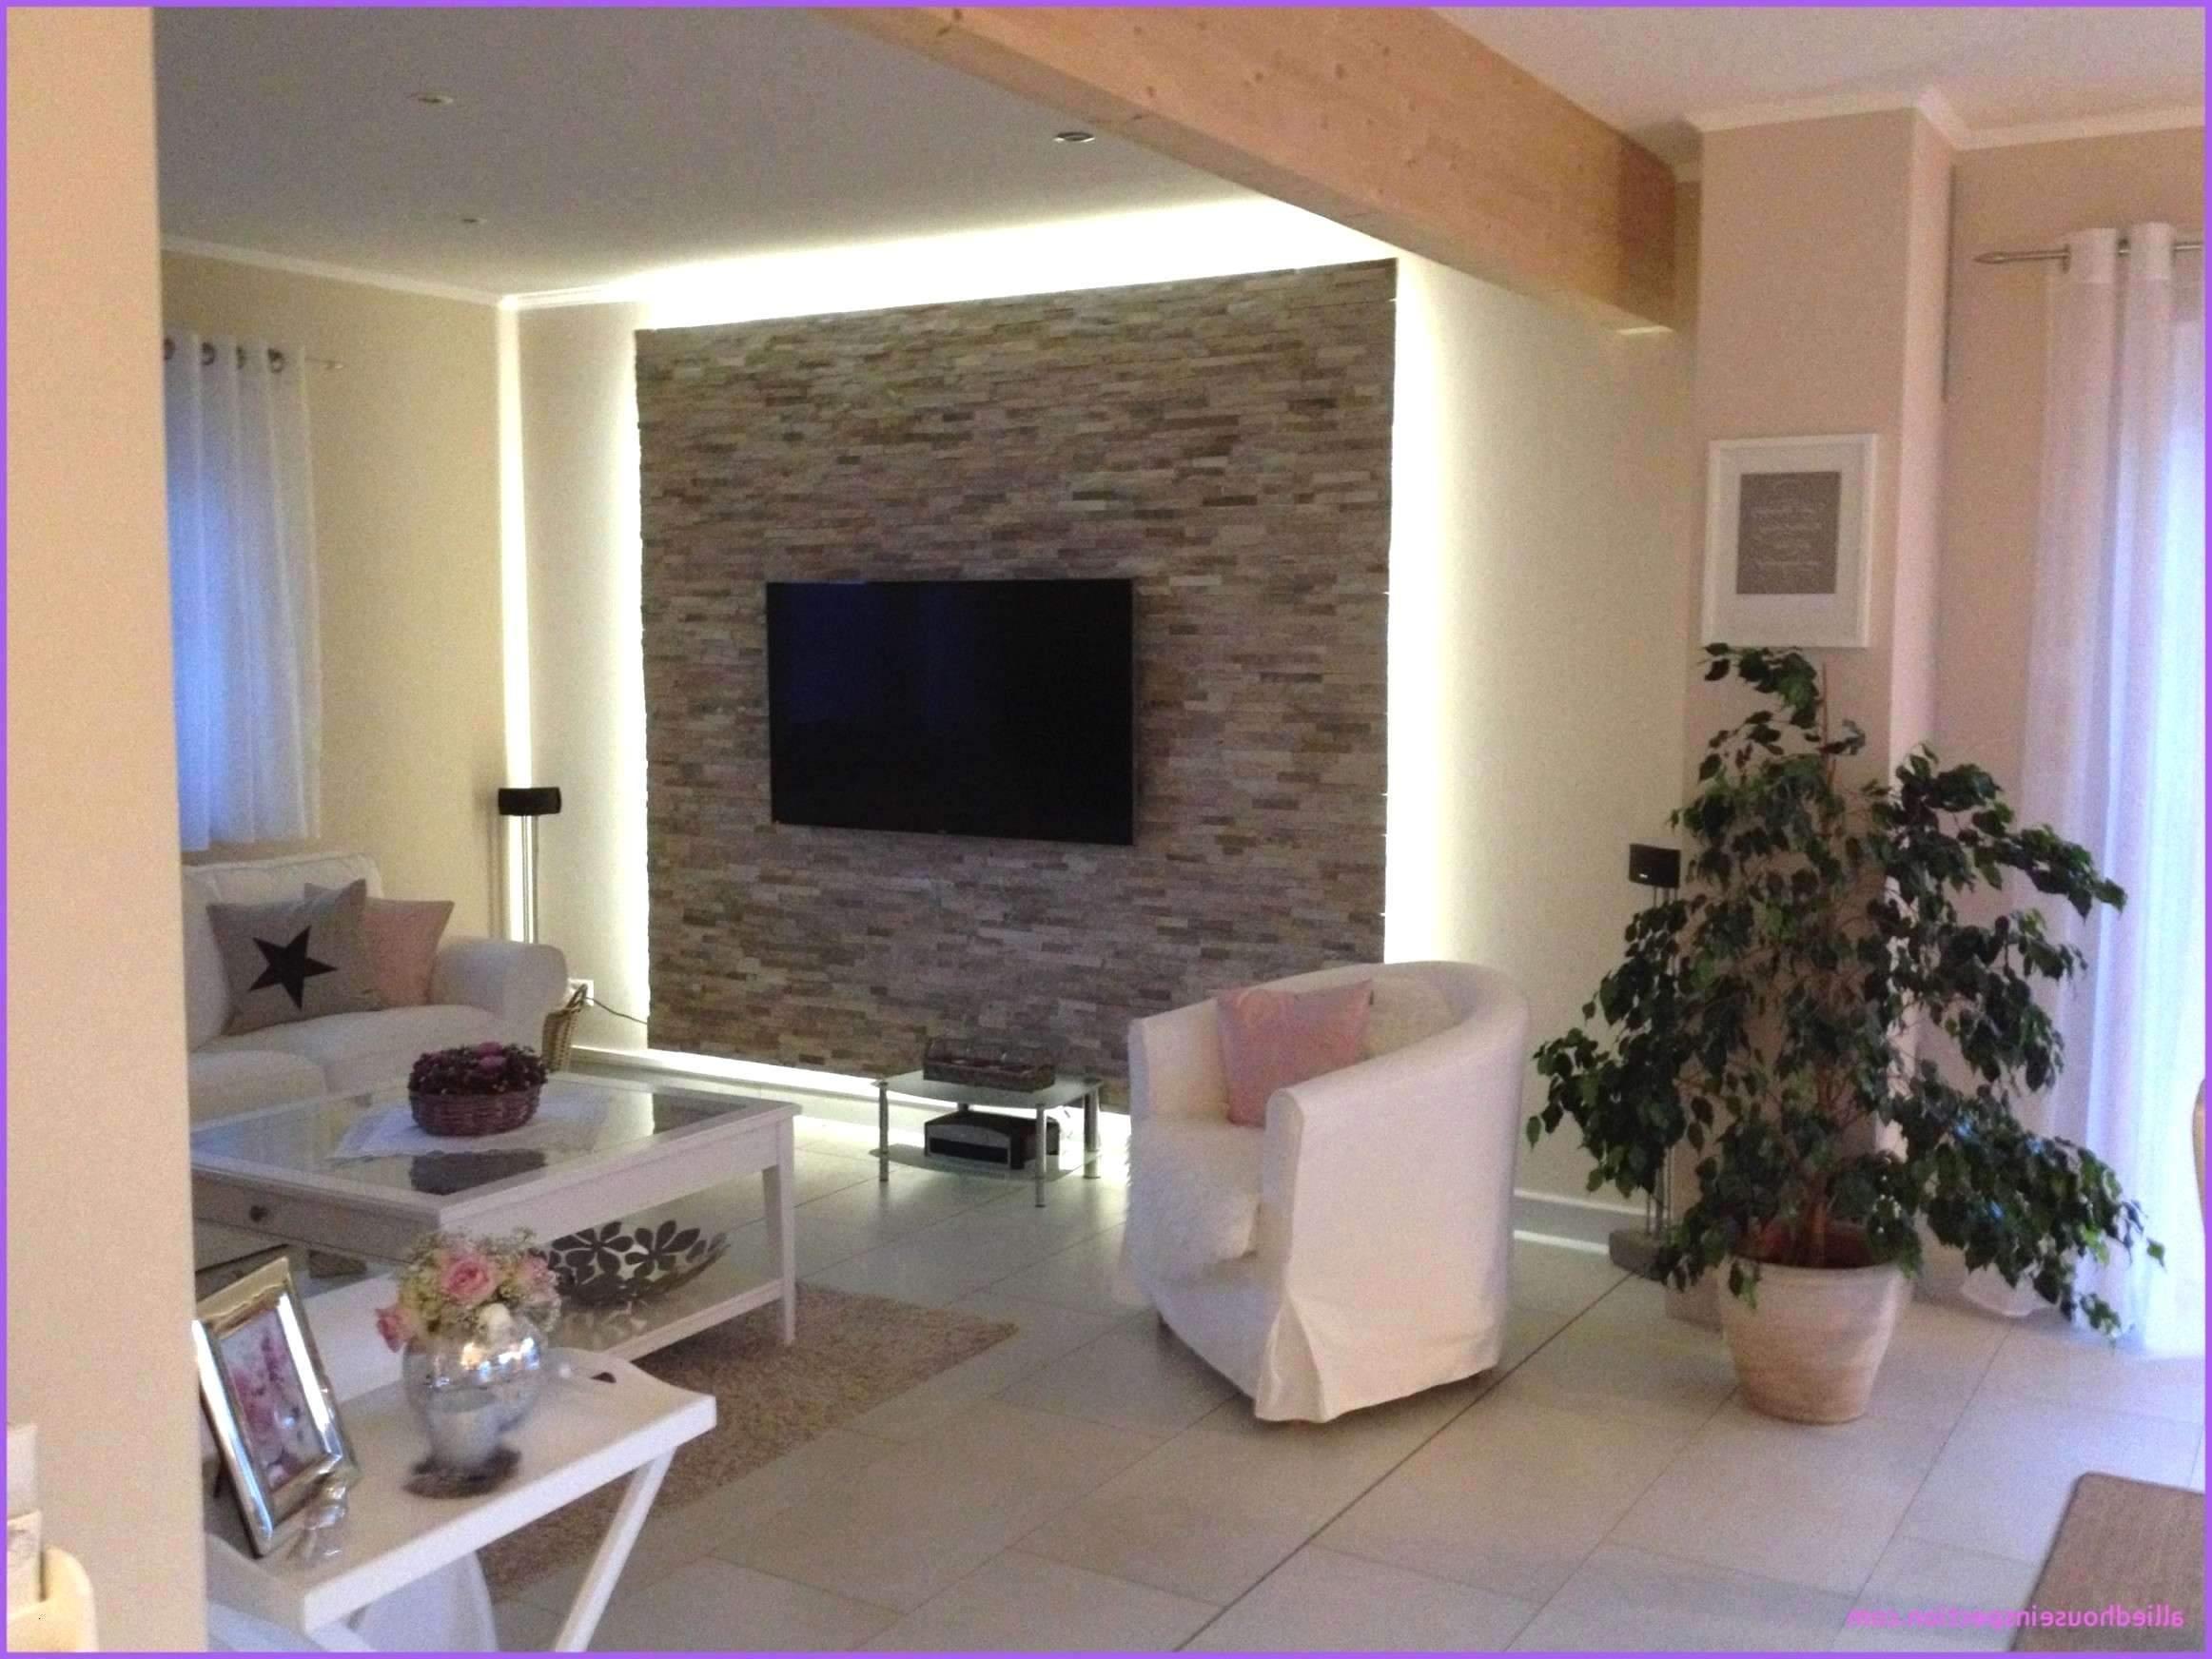 Full Size of Moderne Küchenfliesen Wand Wandfliesen Wohnzimmer Frisch Fliesen Das Beste Von Schrankwand Badezimmer Wandleuchten Schlafzimmer Wandtattoo Wandsprüche Wohnzimmer Moderne Küchenfliesen Wand